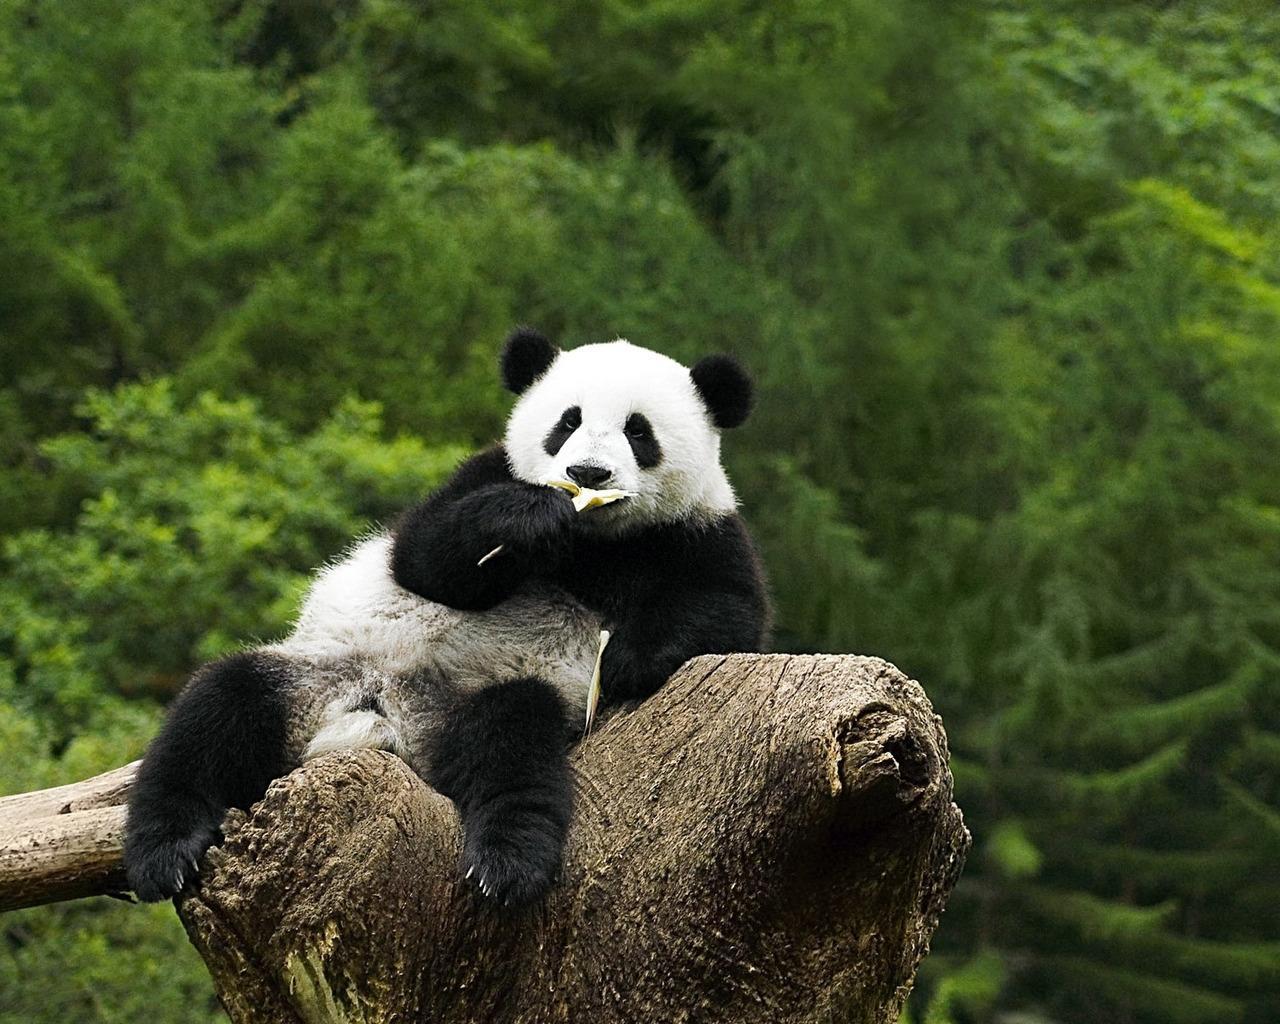 fondos de pantalla osos oso pandas animalia descargar imagenes